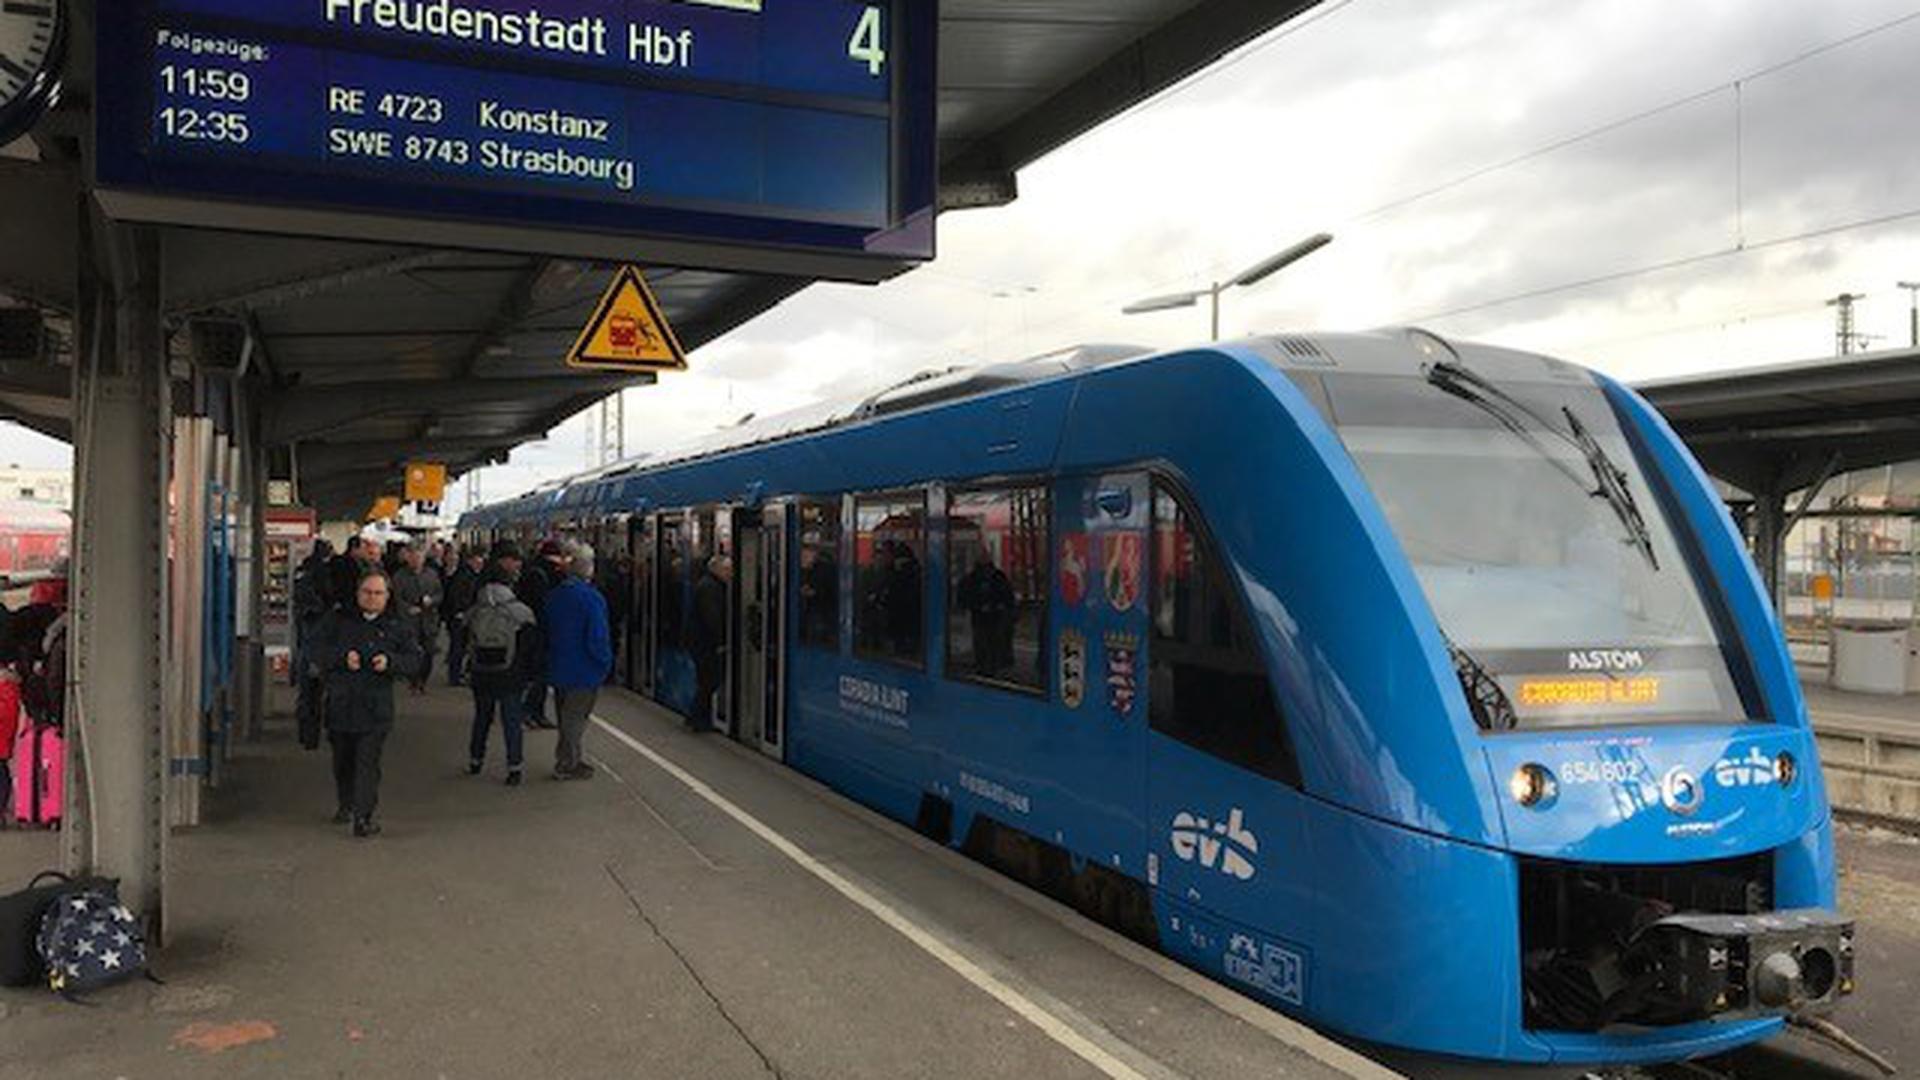 Ein blauer Wasserstoffzug steht an einem Bahnsteig.